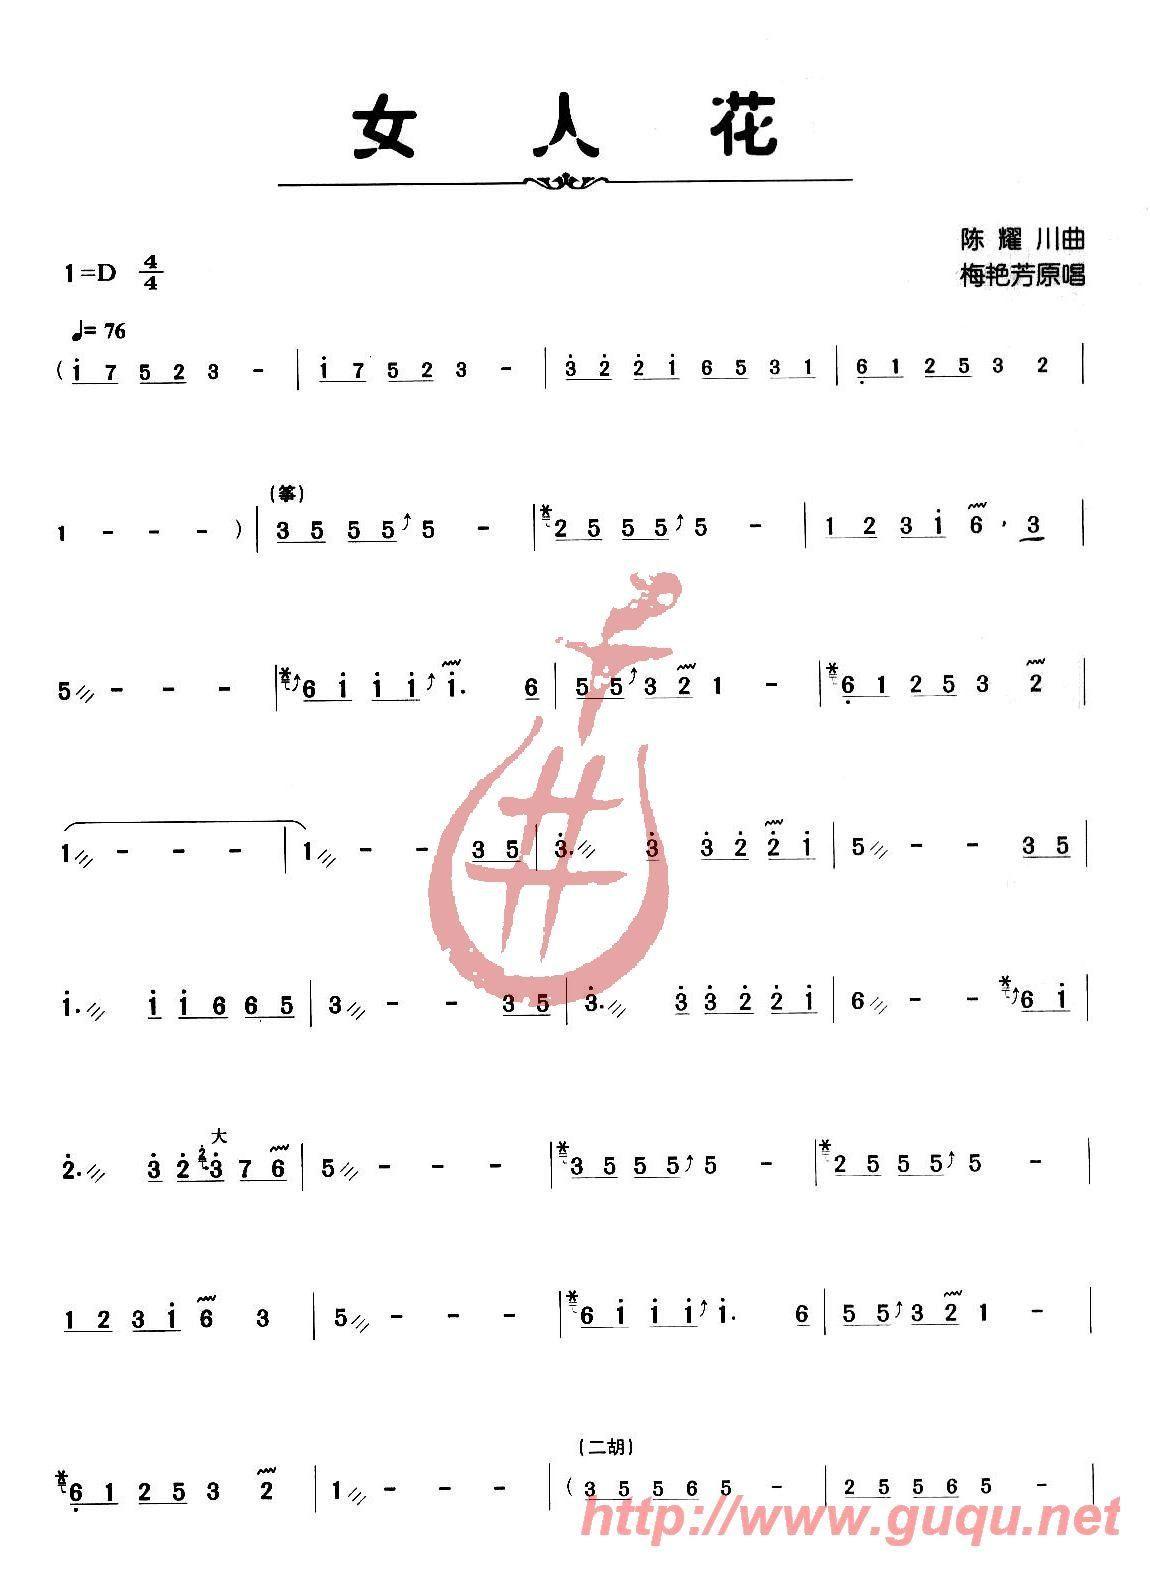 女人花菊花台&nbs; 好听的古筝曲谱; 沧海一声笑简谱图片